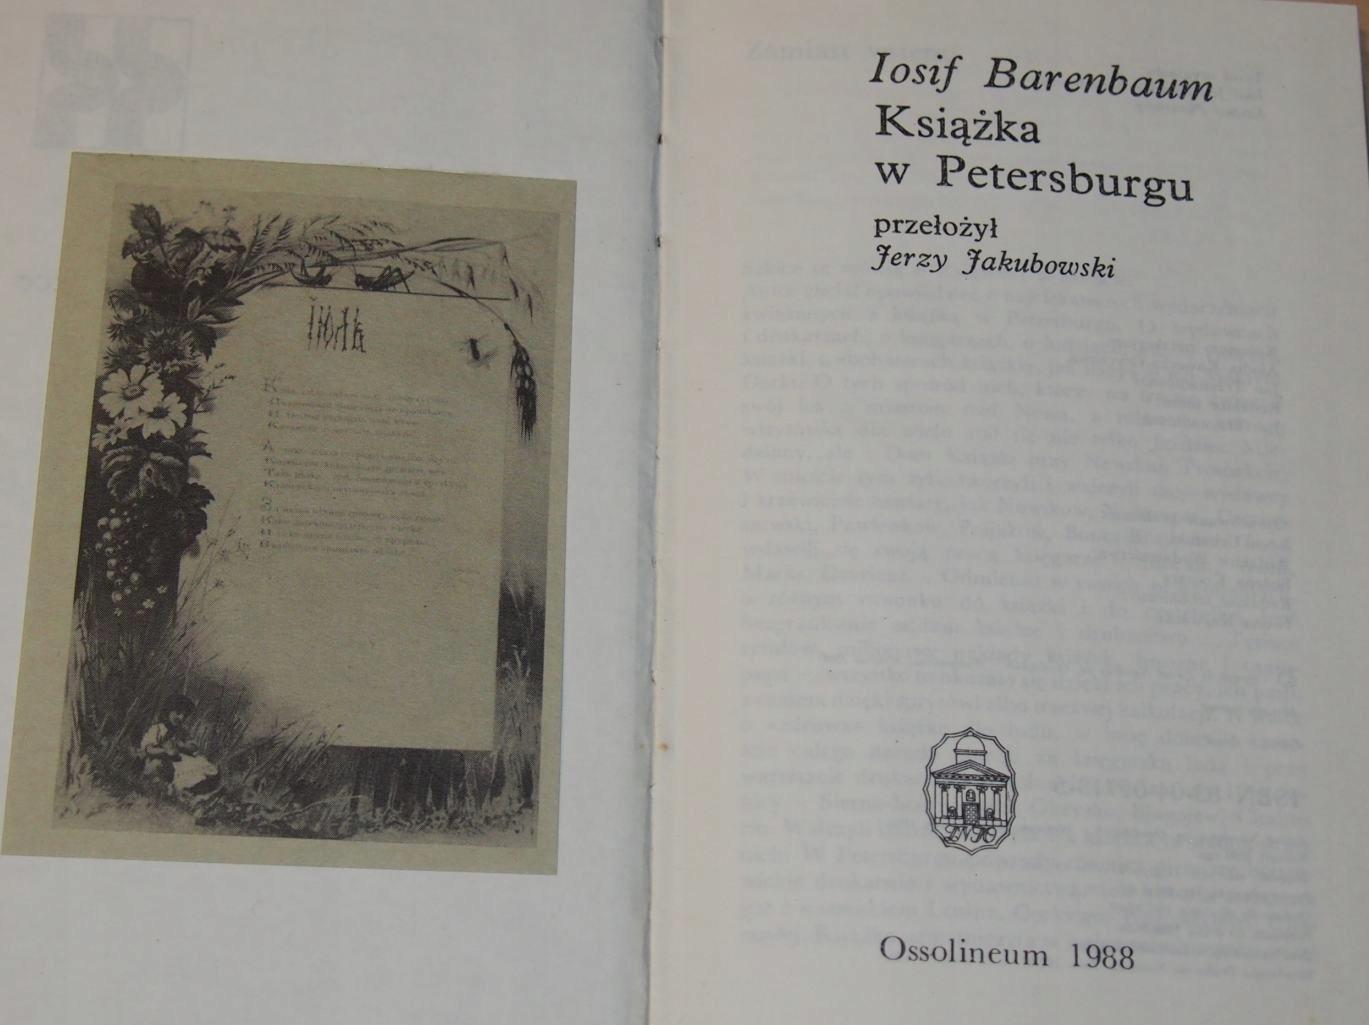 КНИГА В ПЕТЕРБУРГЕ - Иосиф Баренбаум.